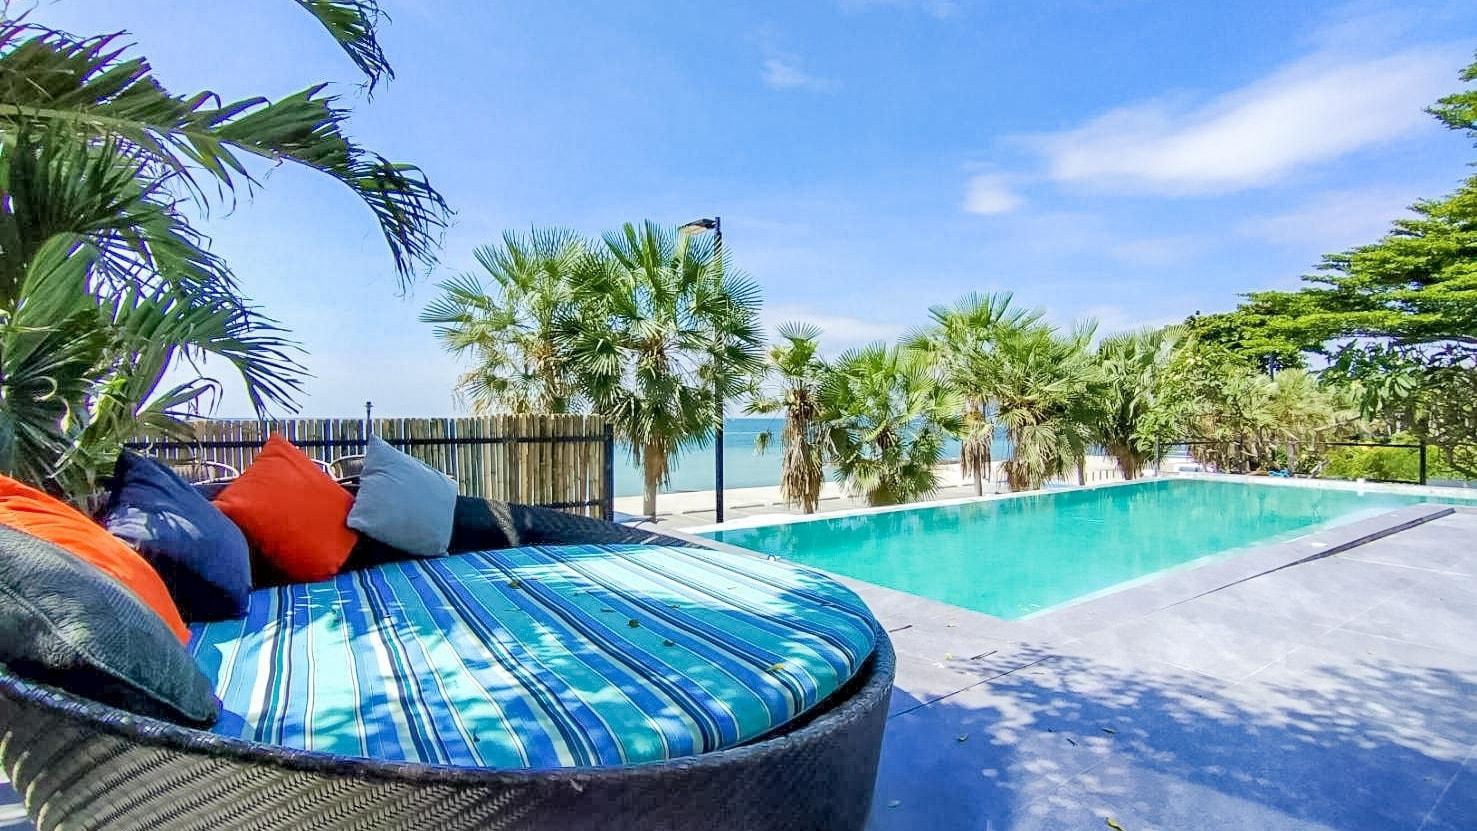 DOJO Pool villa